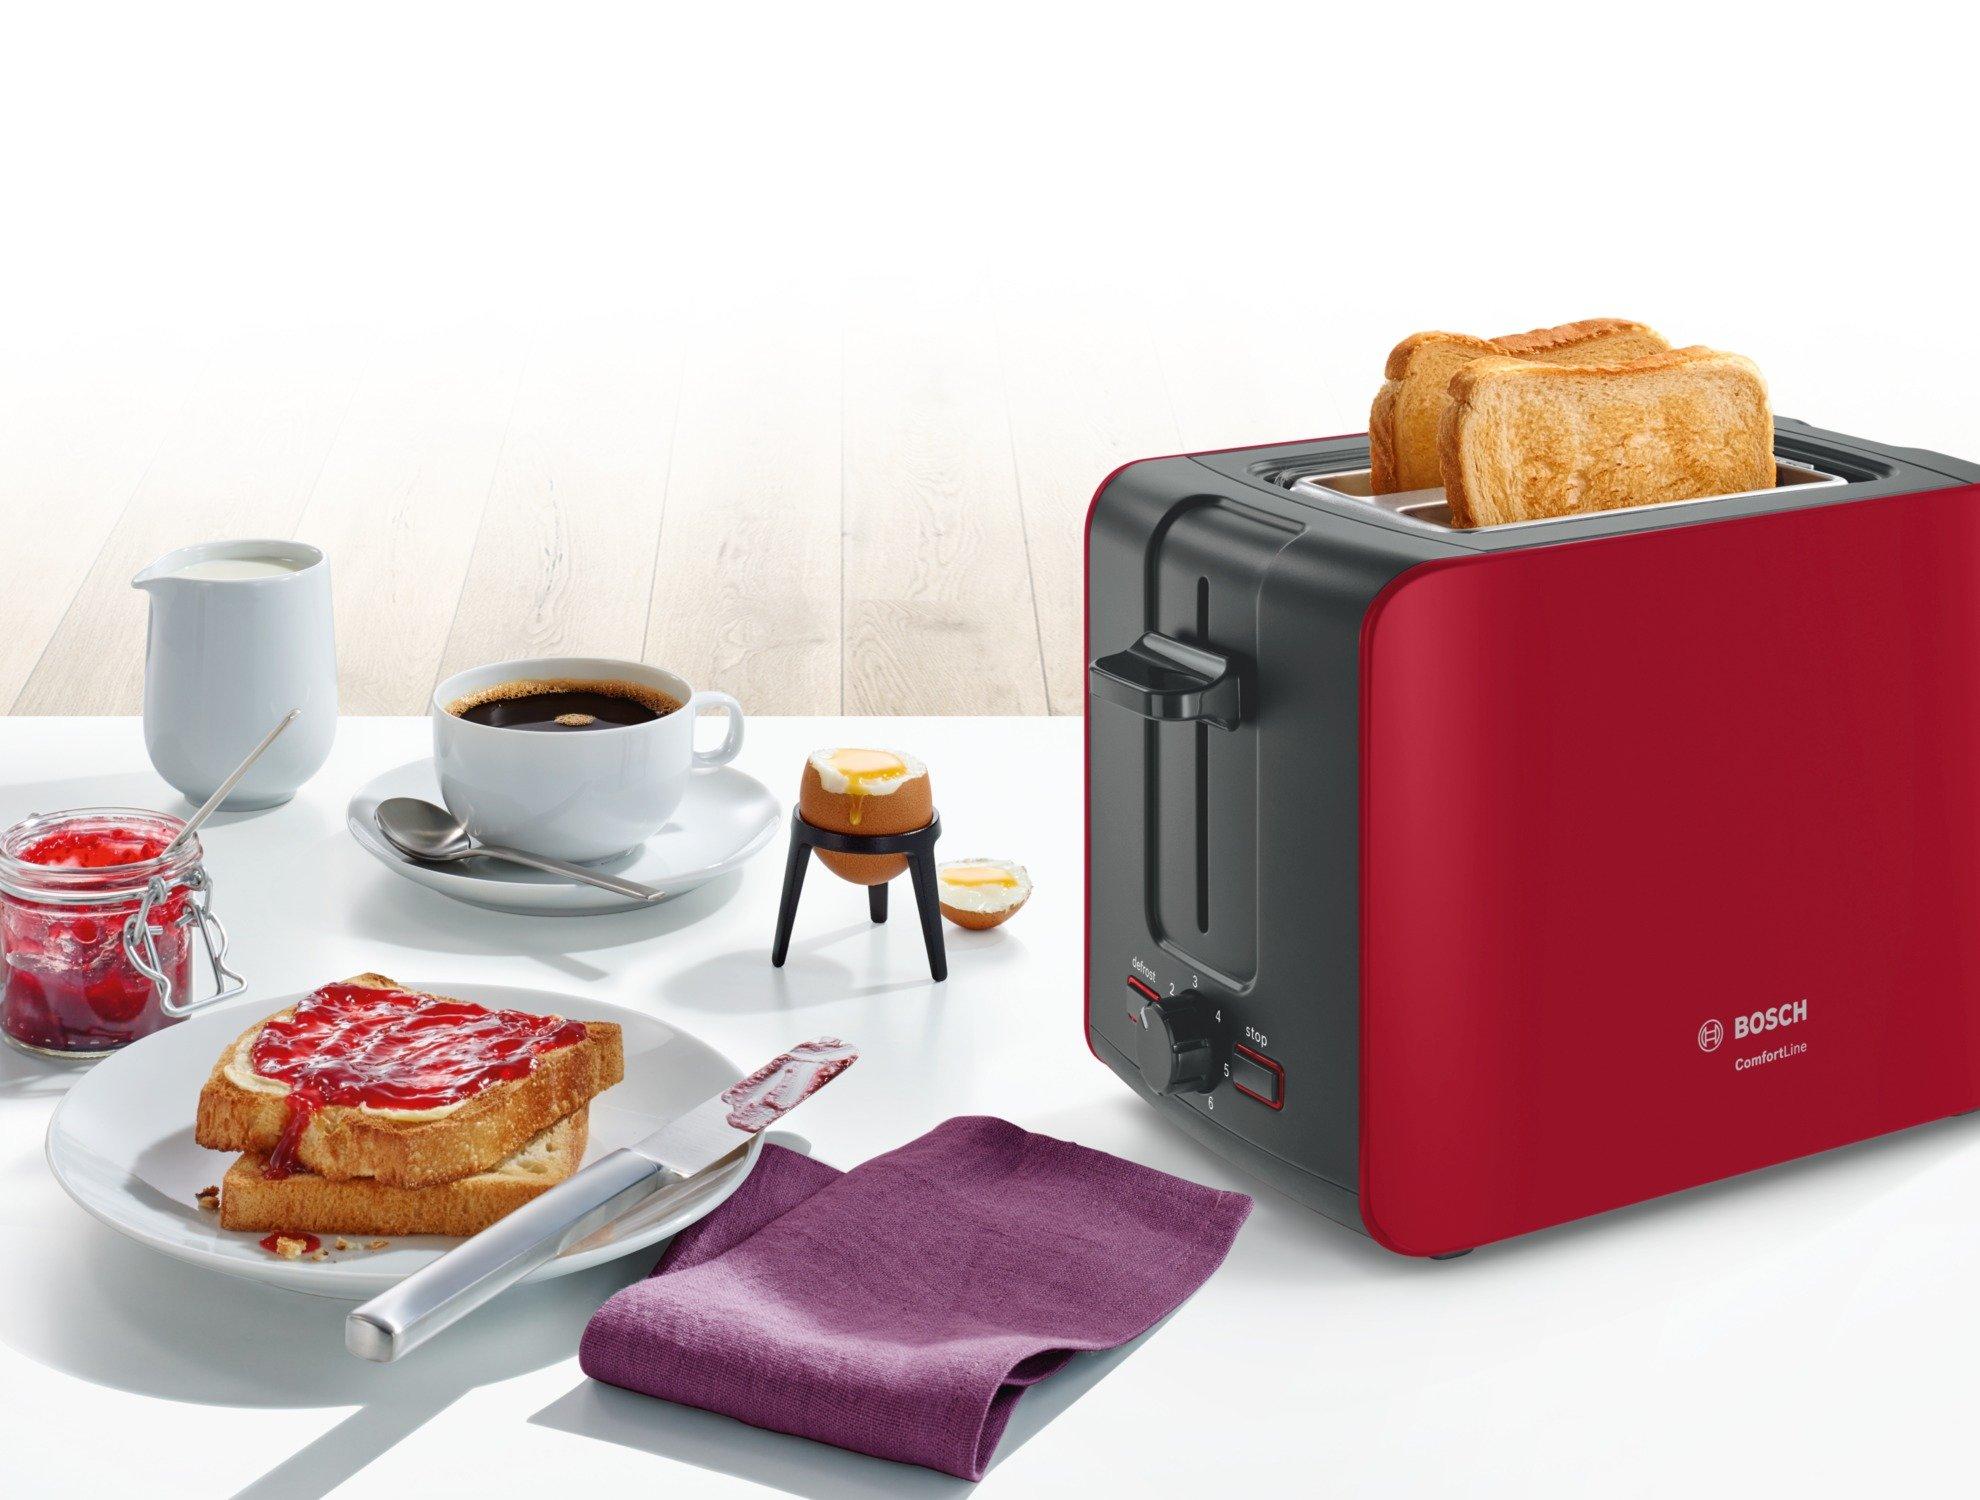 Bosch-TAT6A114-Kompakt-Toaster-ComfortLine-automatische-Brotzentrierung-Auftaufunktion-1090-W-rotanthrazit